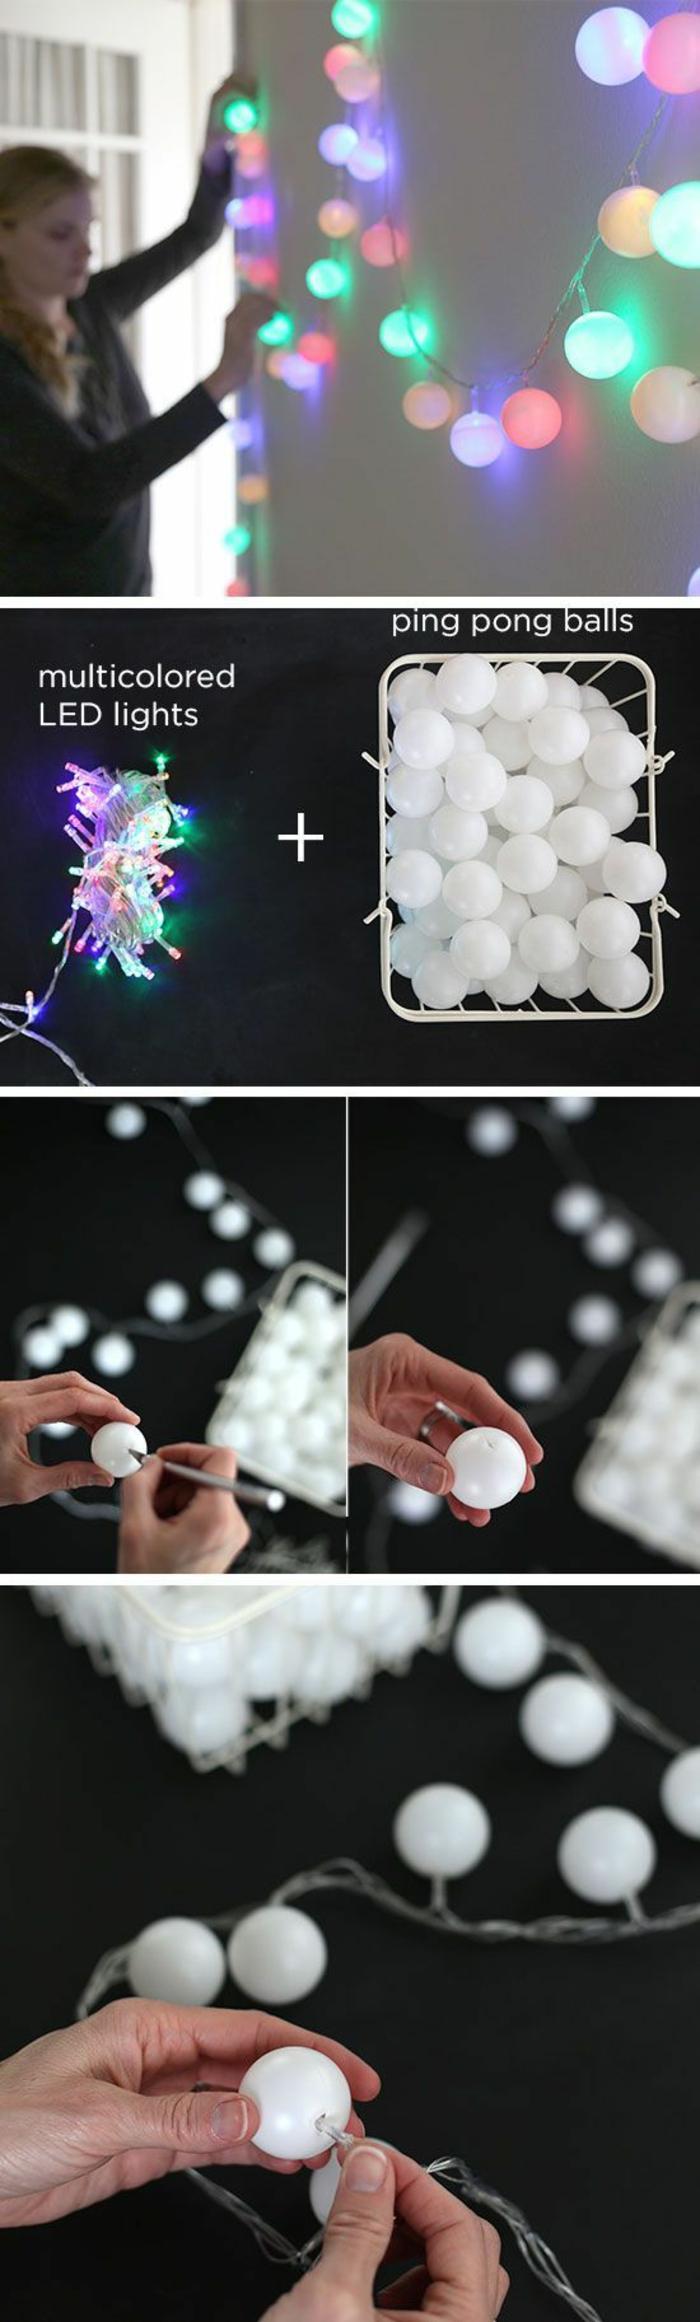 comment faire une guirlande lumineuse, idée décoration Noël à faire soi même, idée activité manuelle hiver facile